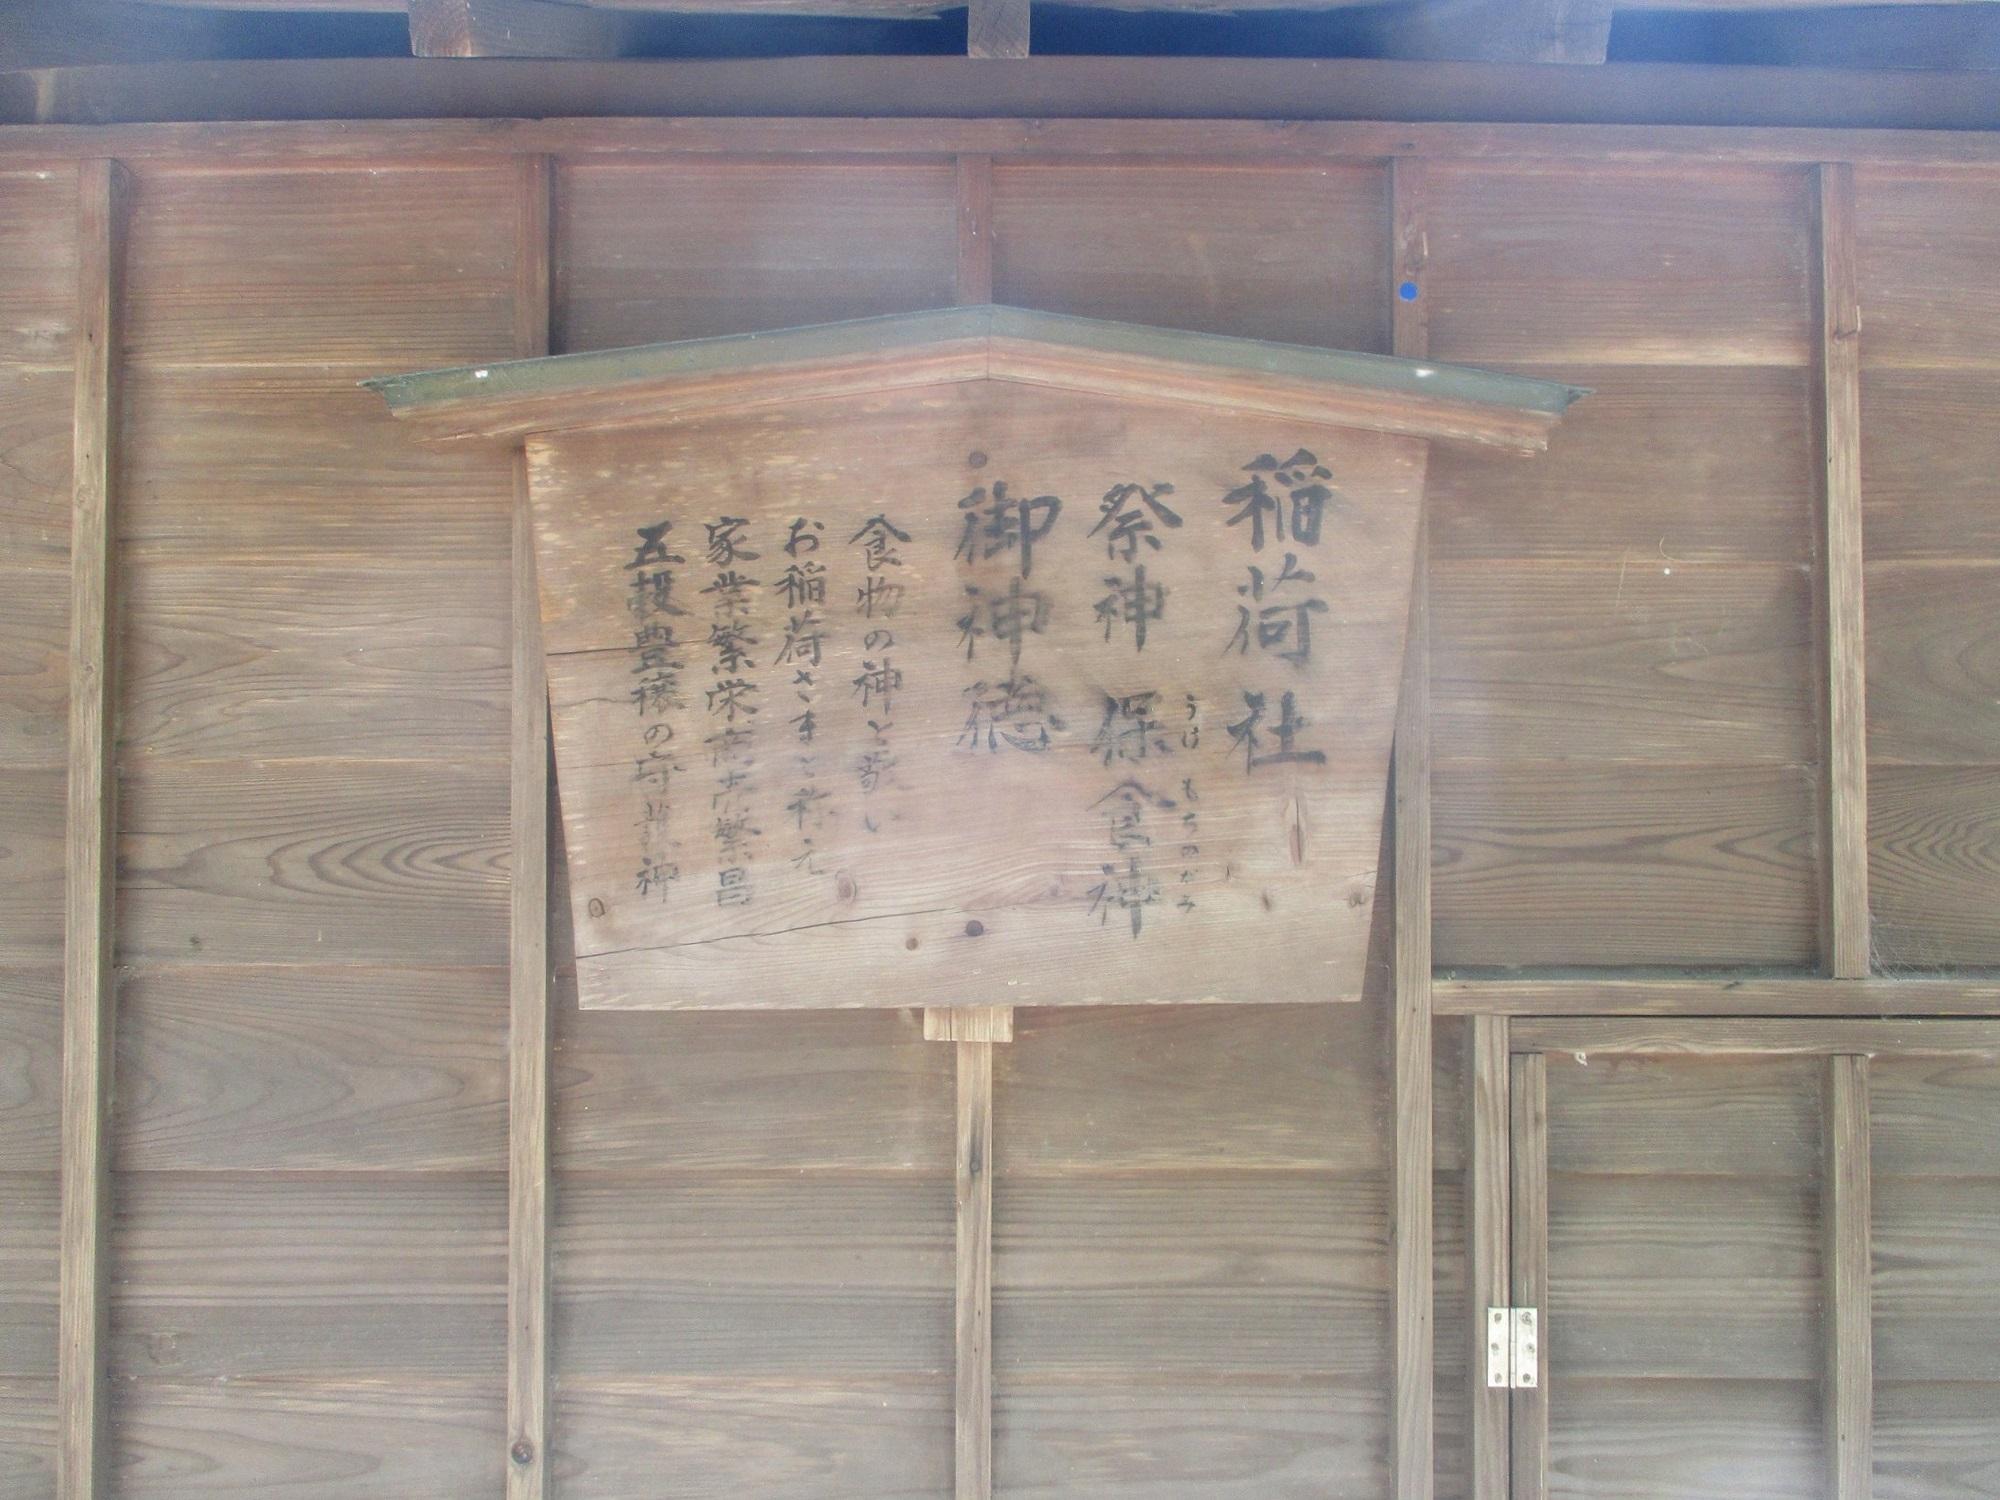 2020.6.17 (11) 古井神社 - 月見稲荷社の表札 2000-1500